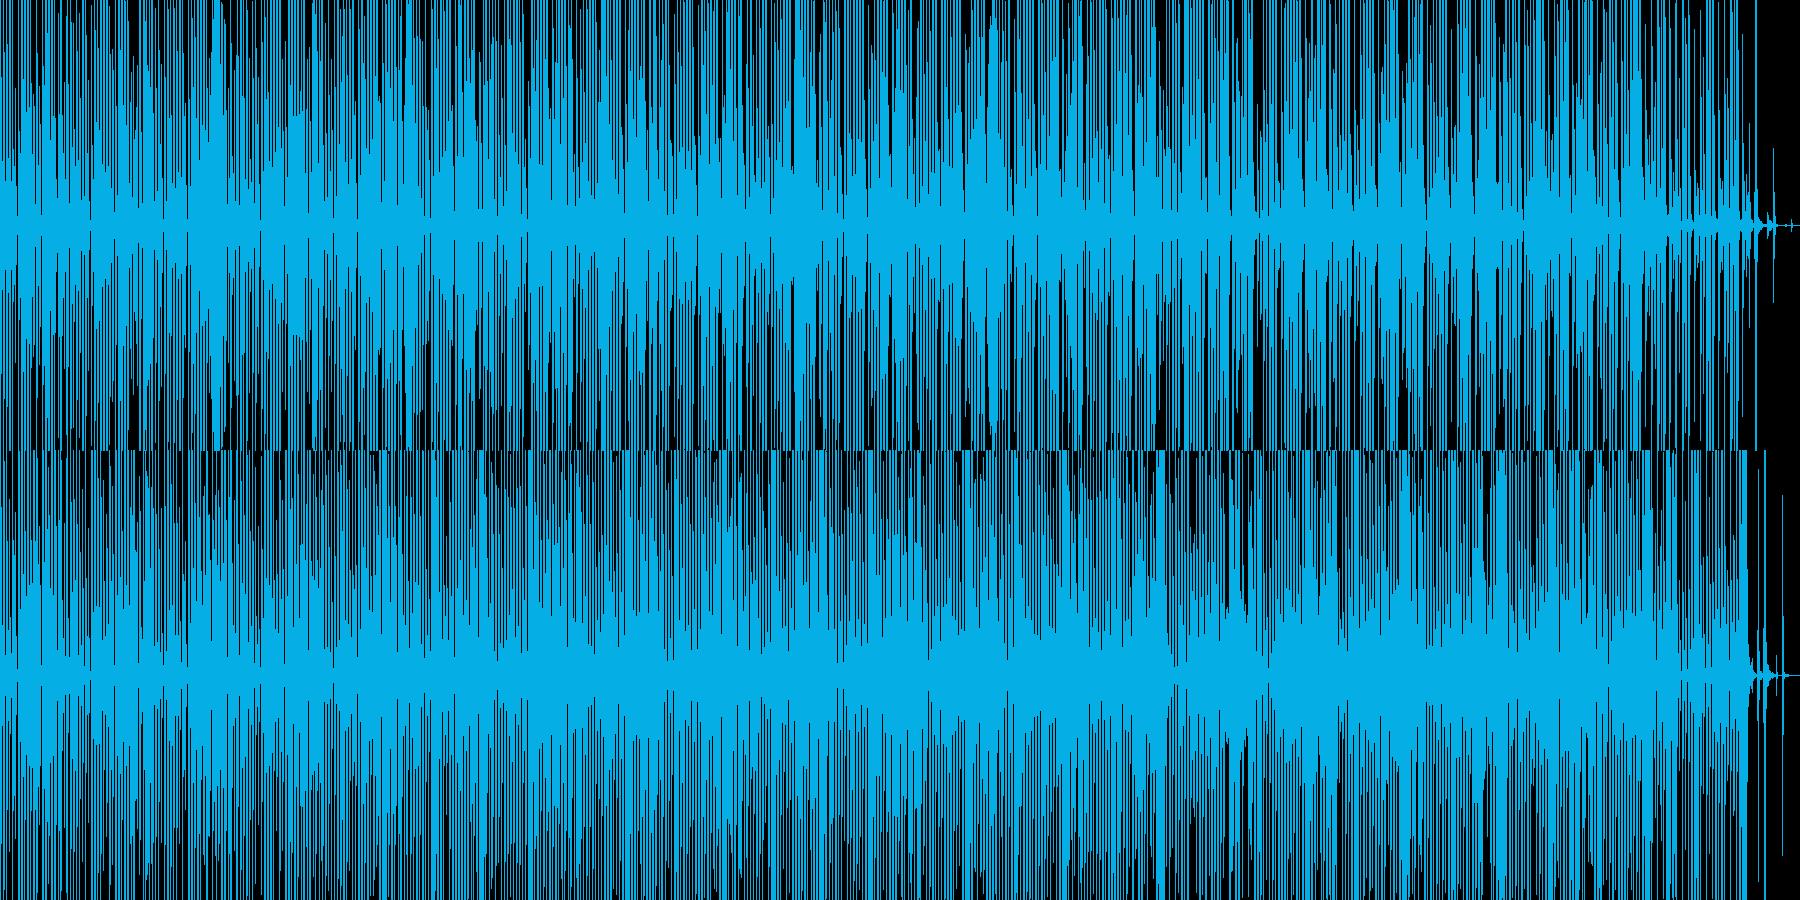 輝く雲海を飛翔するminimal dubの再生済みの波形